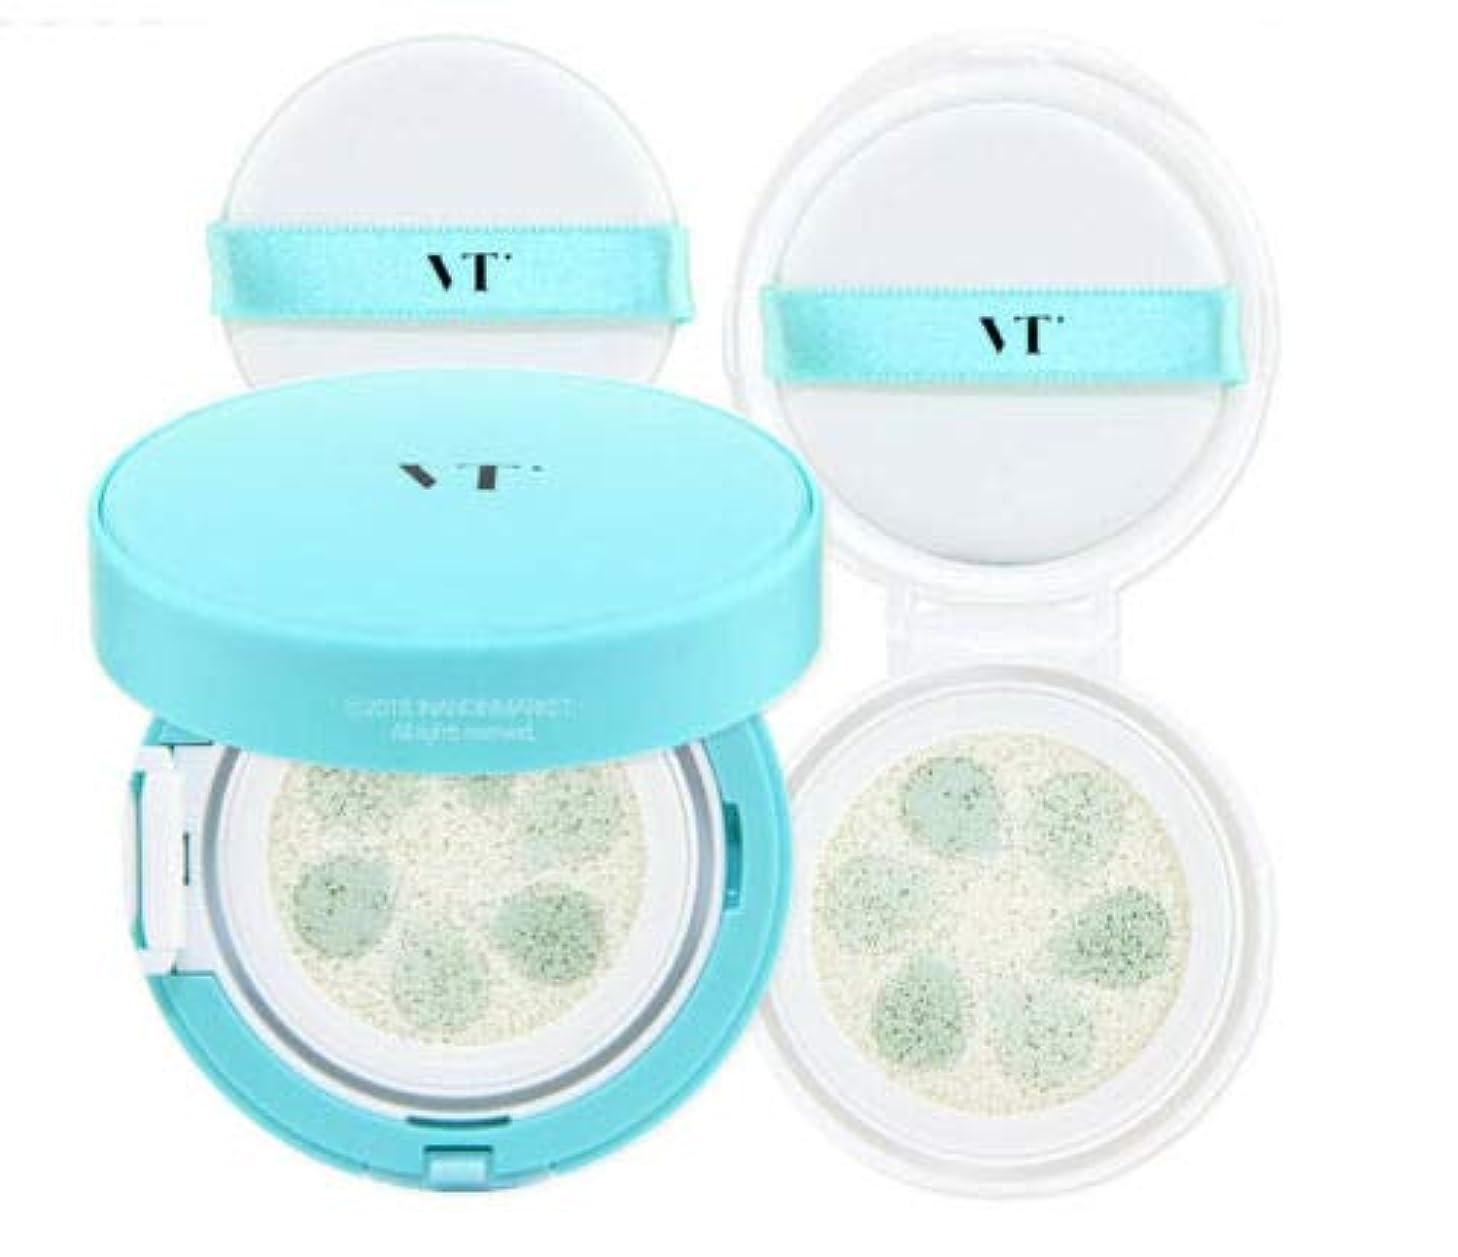 VT Cosmetic Phyto Sun Cushion サンクッション 本品11g + リフィール11g, SPF50+/PA++++